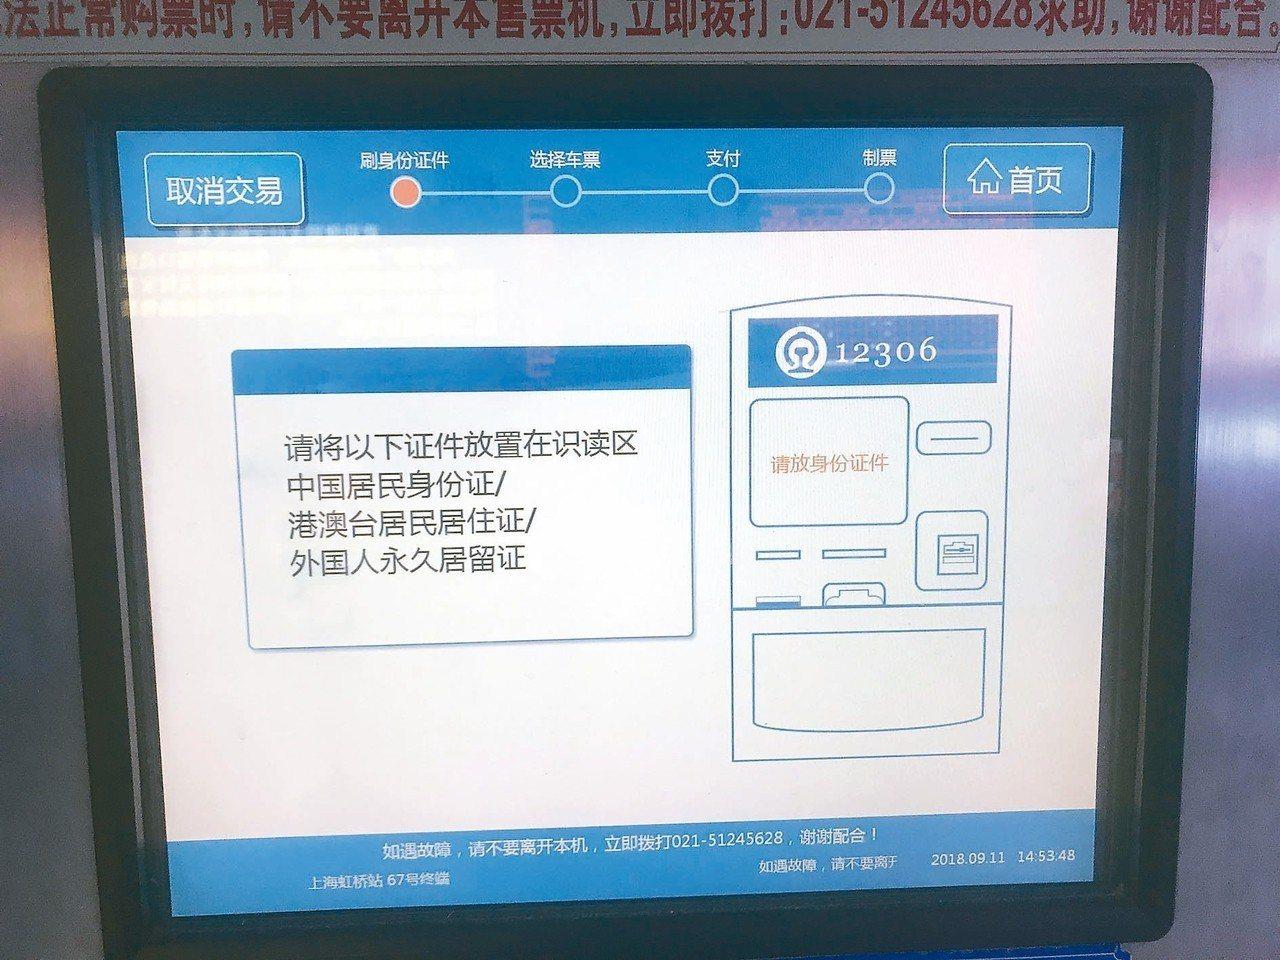 上海虹橋高鐵站的購票系統已啟用居住證取票功能,持有台灣居民居住證者都可用來取票。...